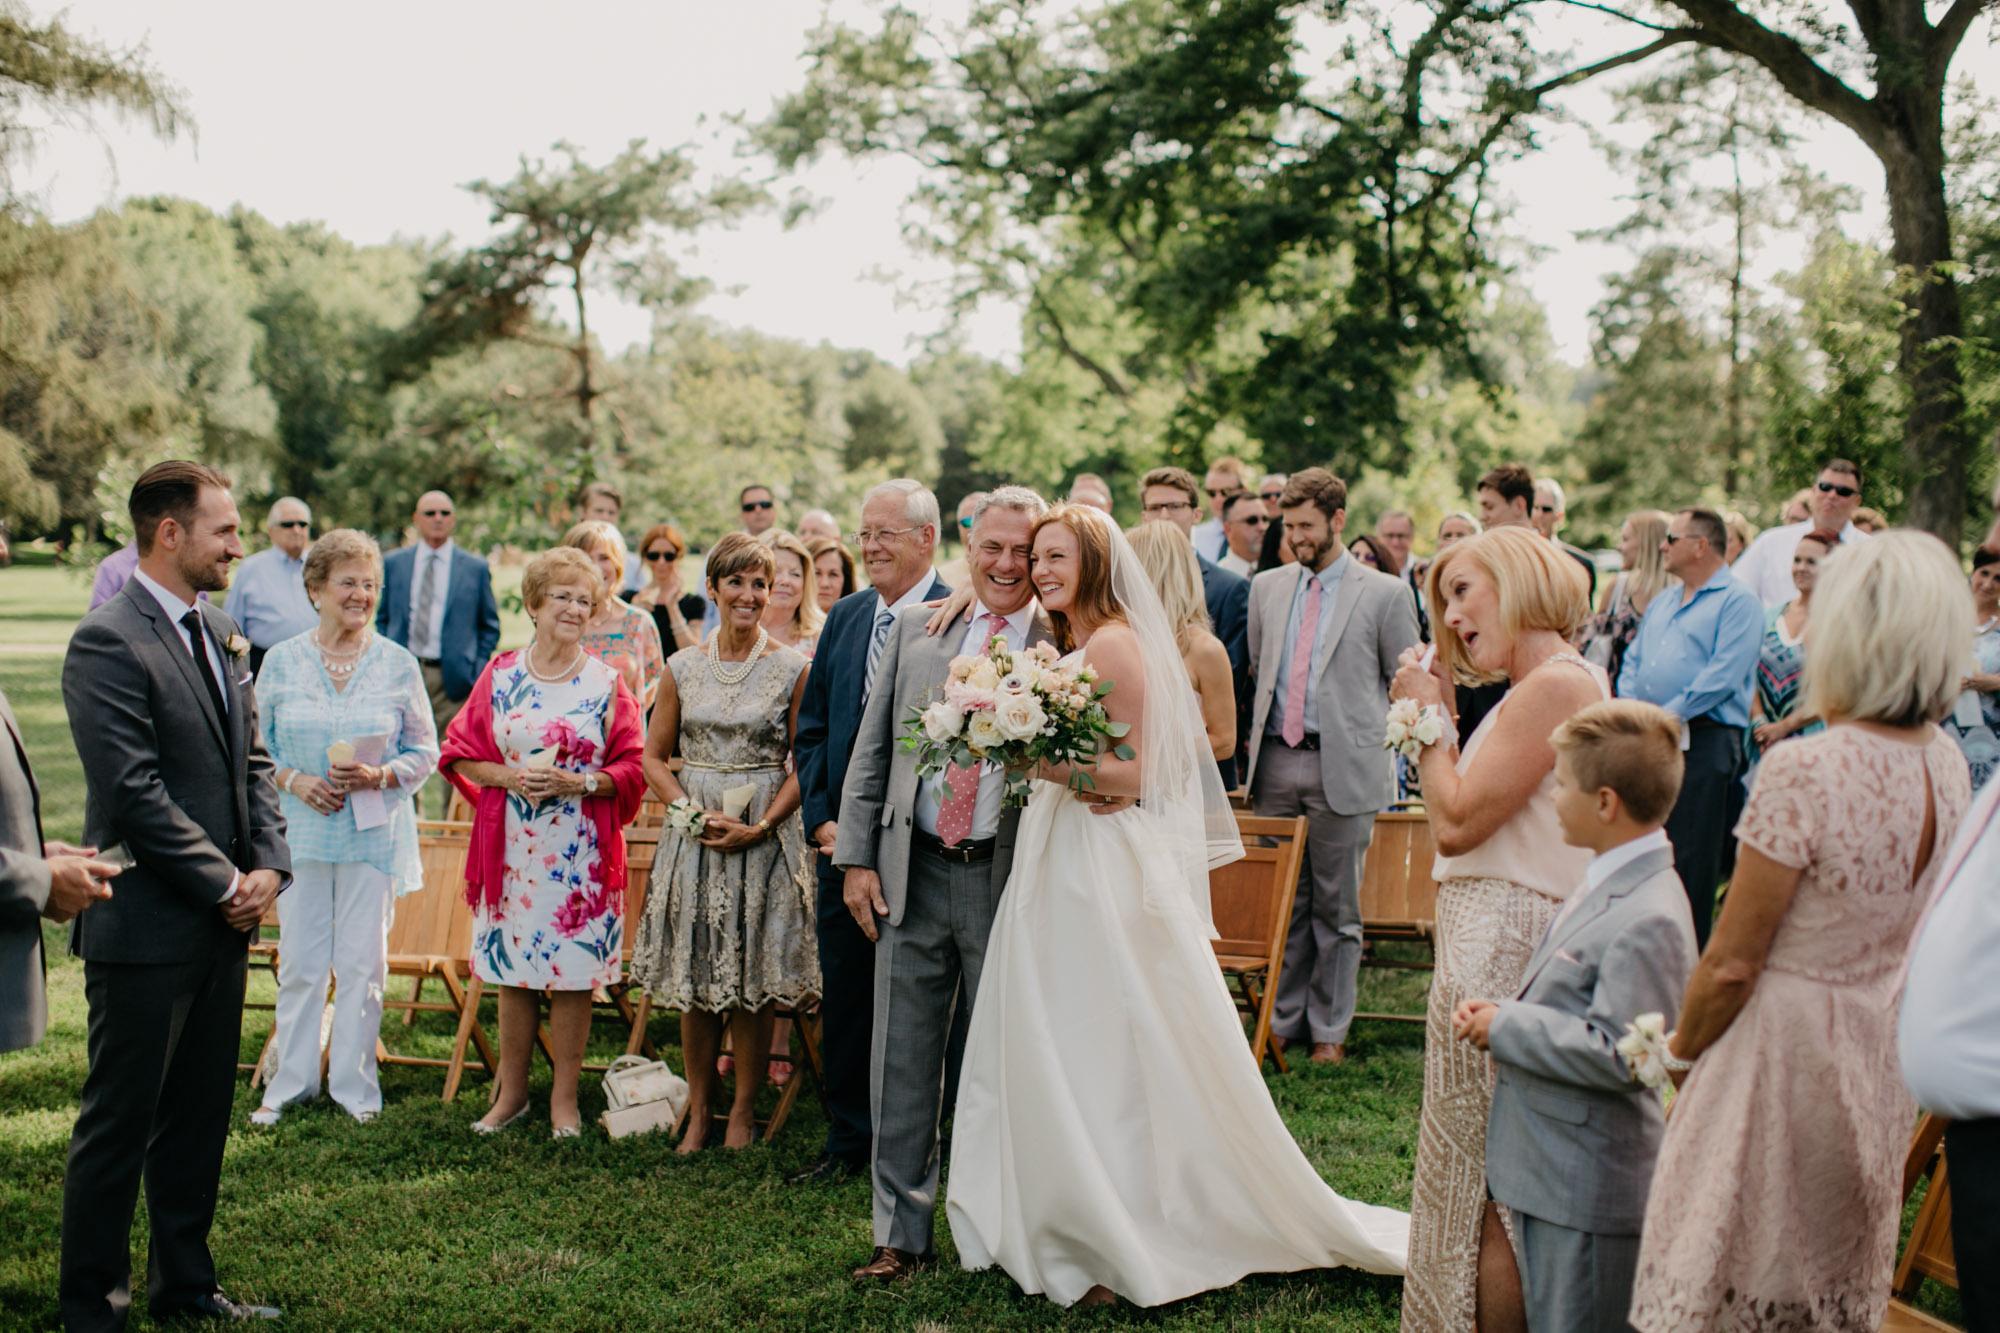 elmwood-park-wedding-photographer-nicole-jon-21.jpg